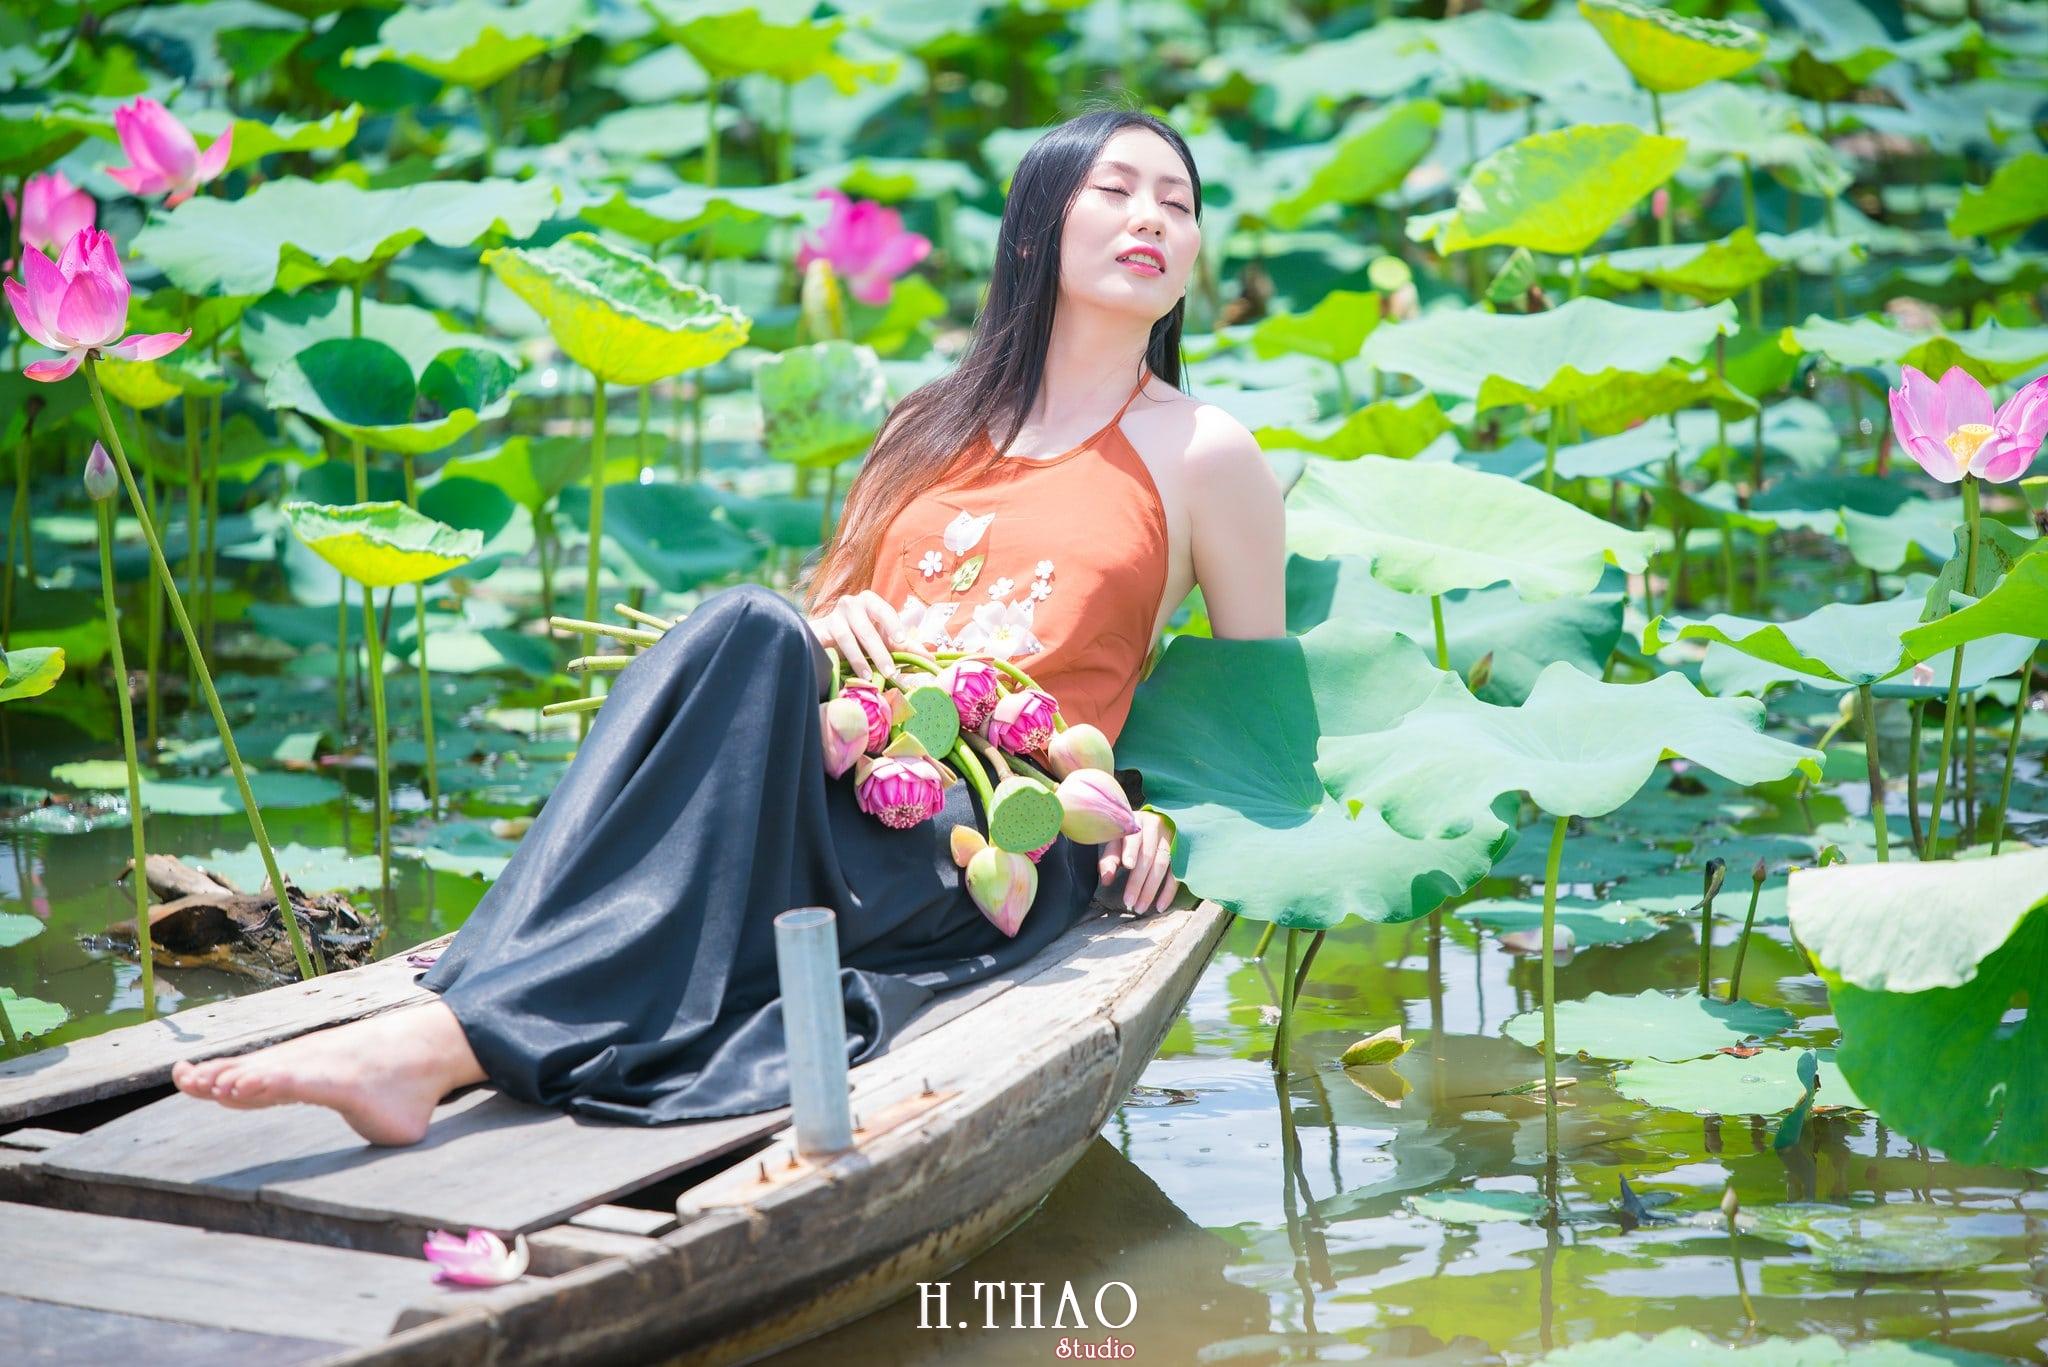 ao yem hoa sen 3 - Album ảnh chụp áo yếm với hoa sen đẹp dịu dàng - HThao Studio